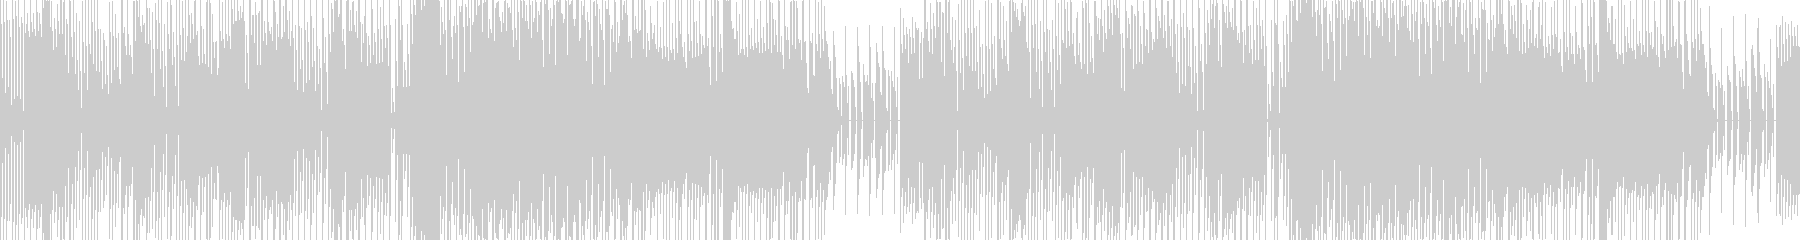 ループの昔懐かしいチップチューンbgmの未再生の波形